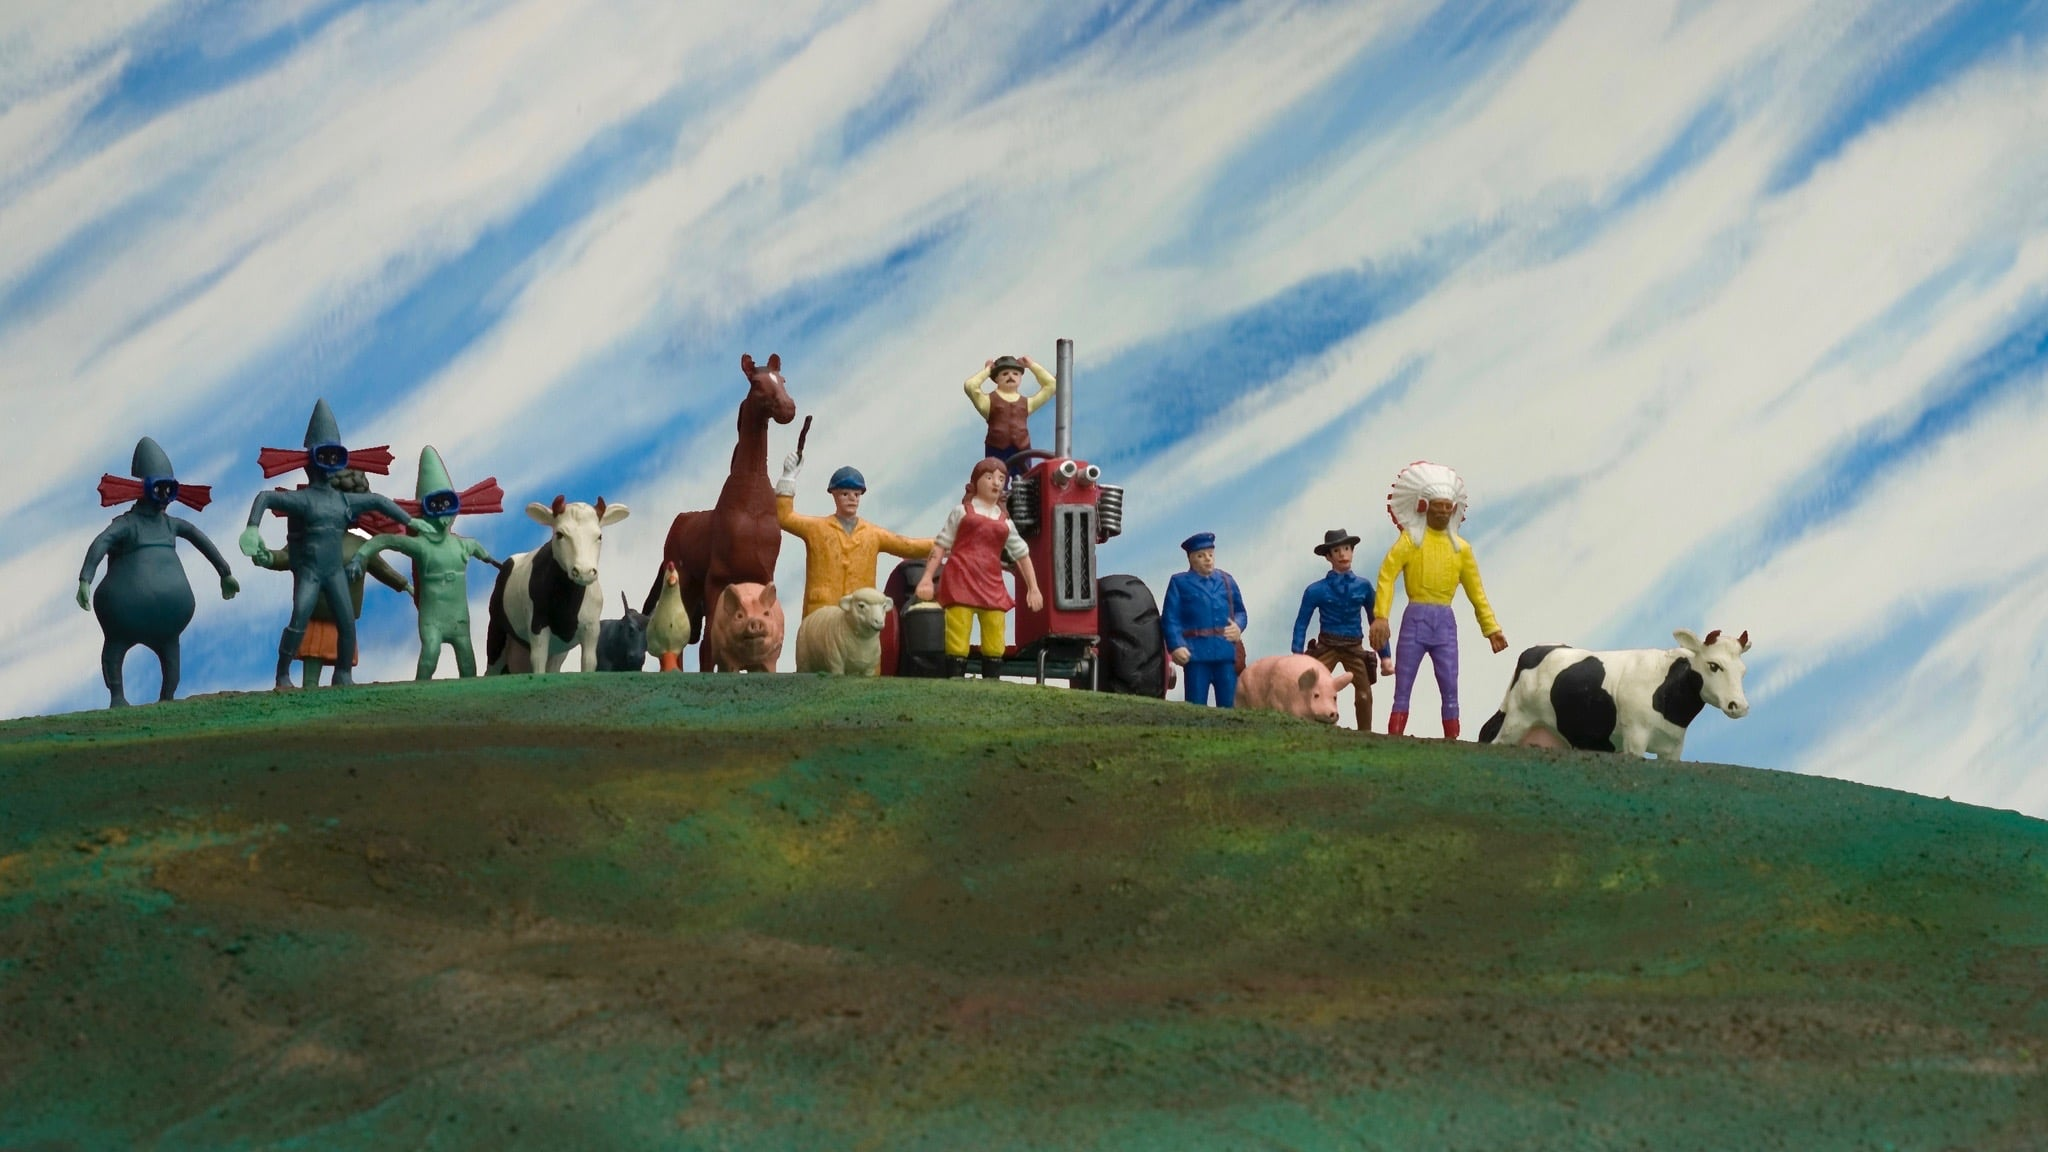 Pánico en la granja (2009)